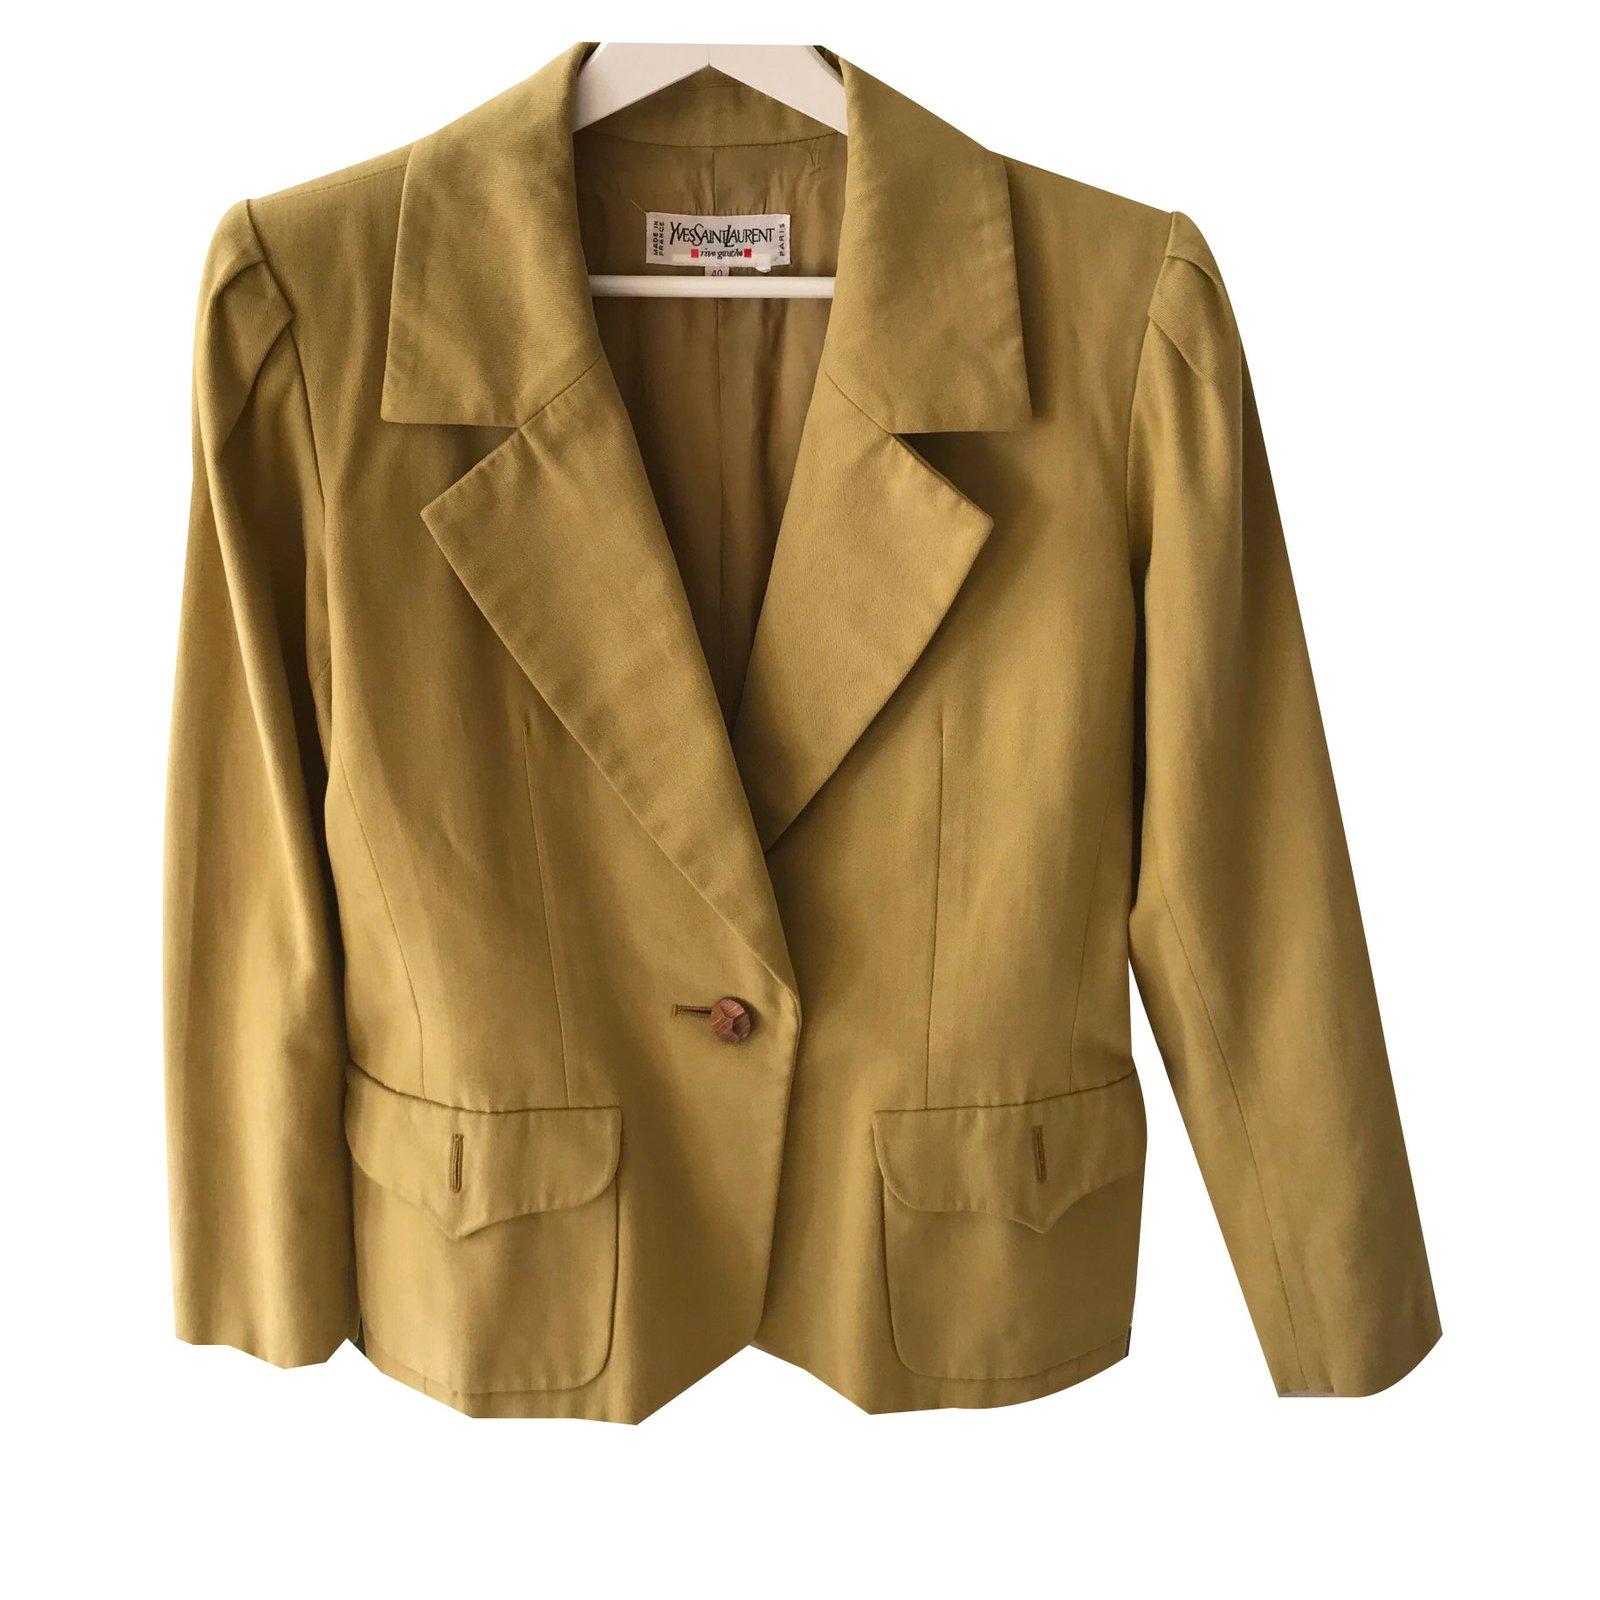 98a5c8a1d08 Yves Saint Laurent YVES ST LAURENT RIVE GAUCHE Jackets Cotton Khaki  ref.57197